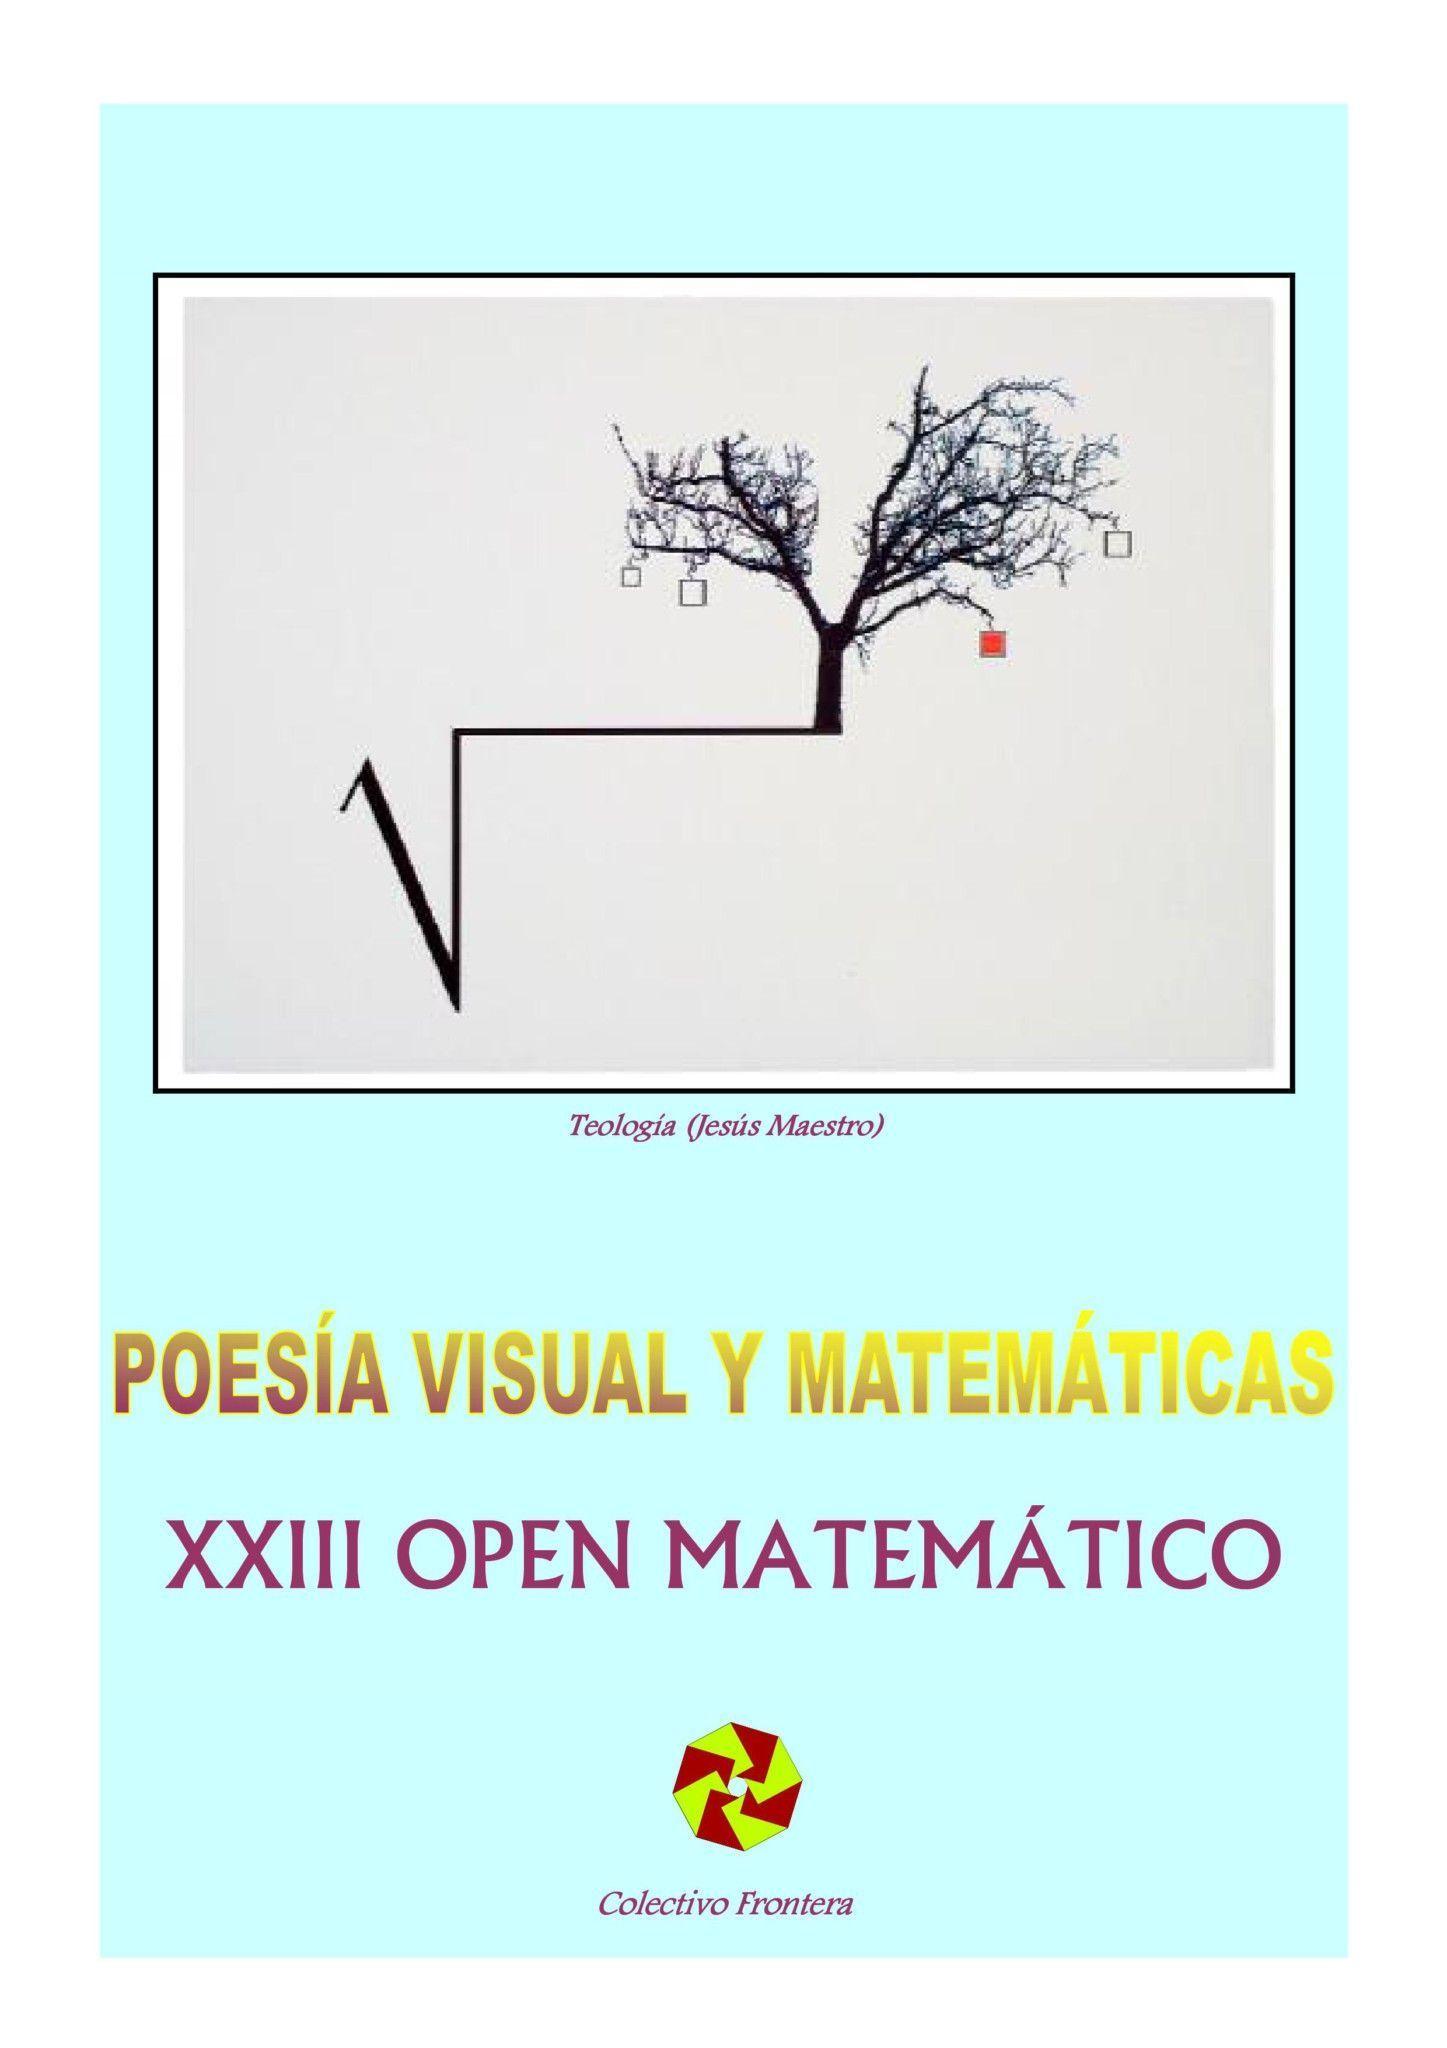 Poesía Visual de Jesús Maestro